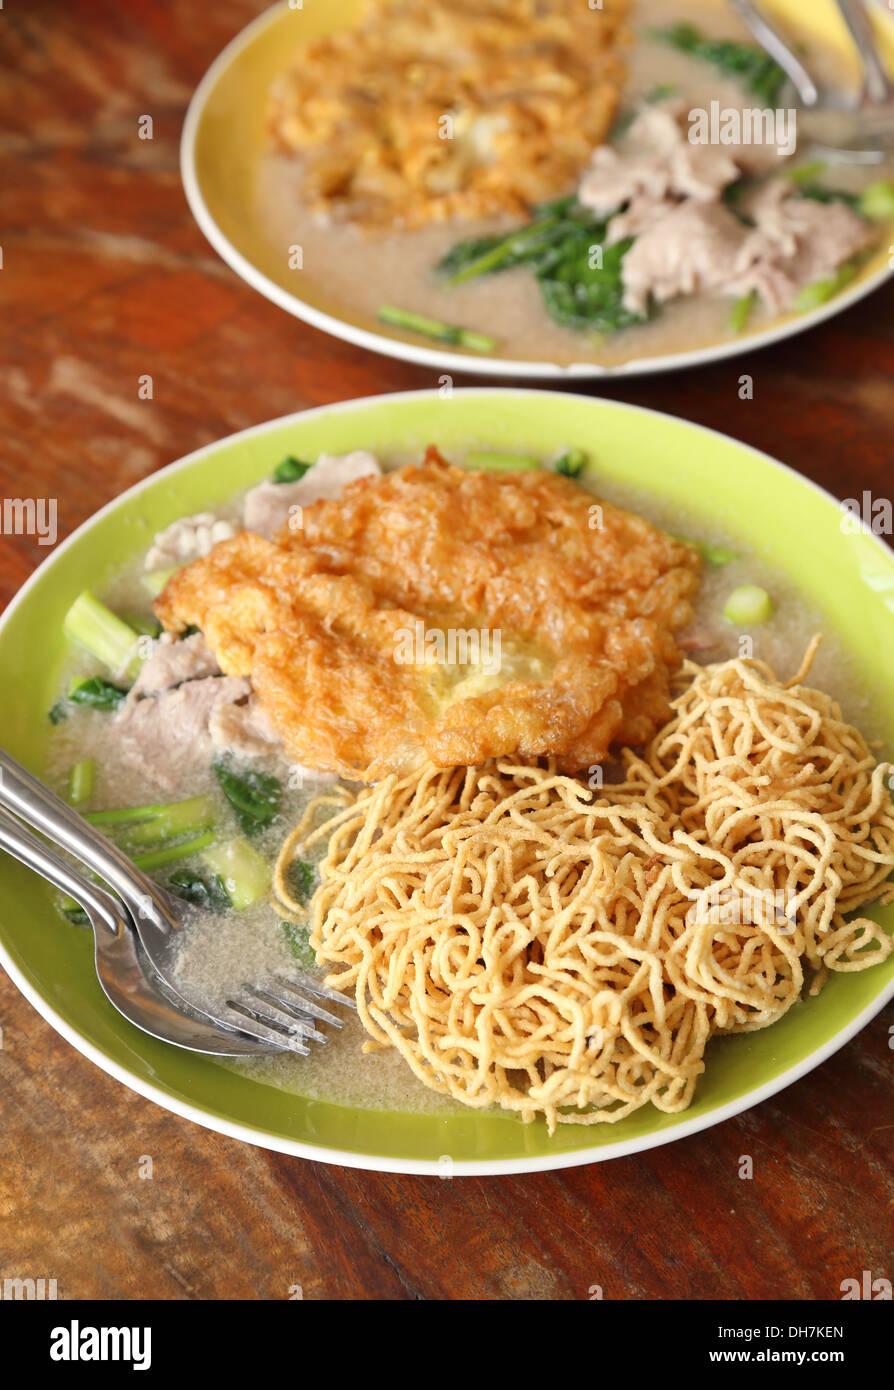 how to make fried food crispy